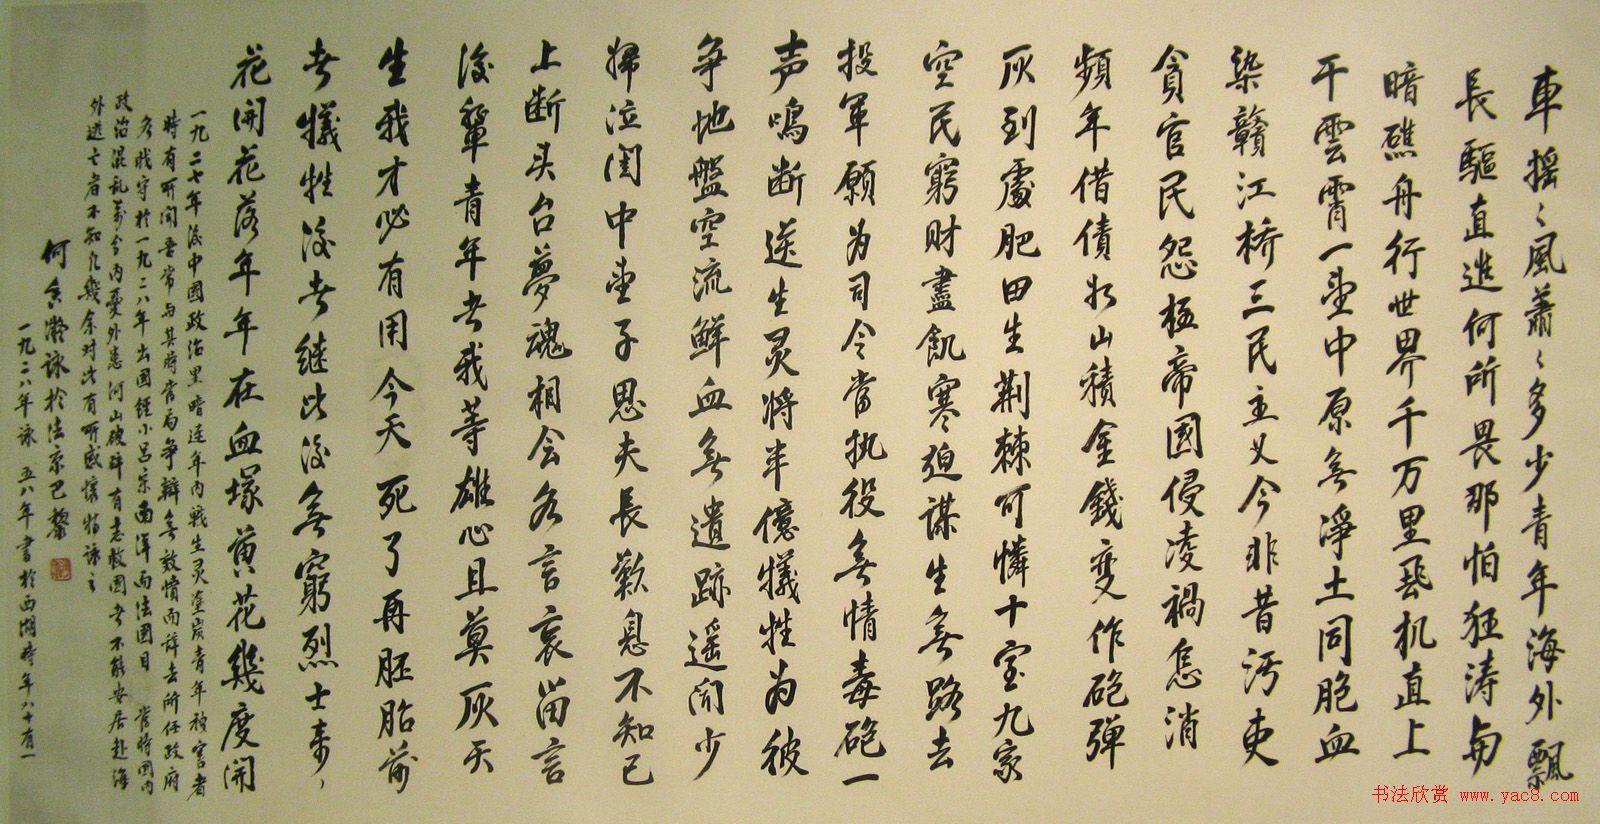 何香凝书法作品和信札墨迹